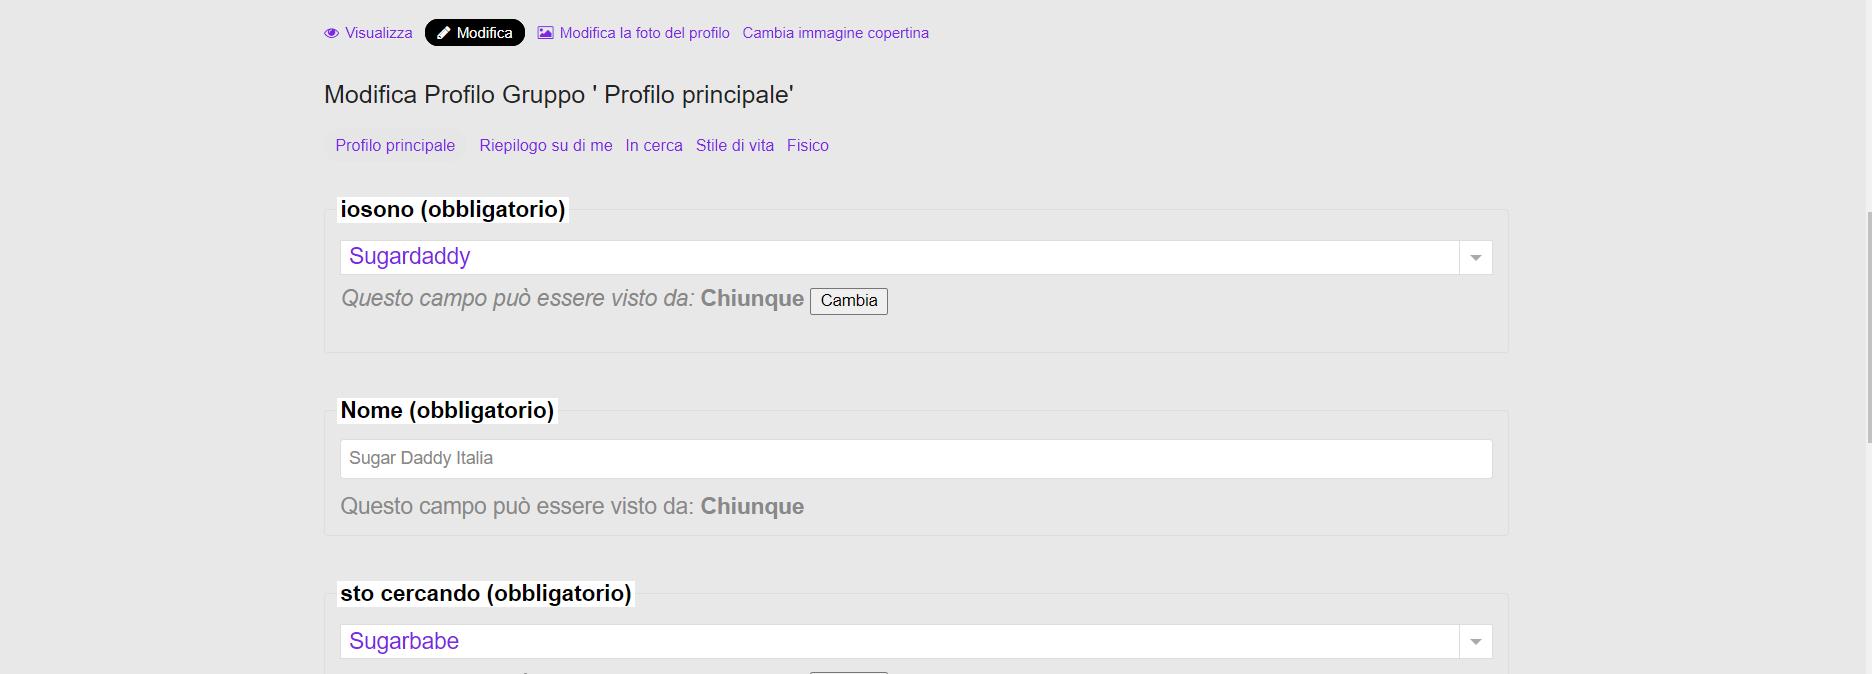 Screenshot della pagina in cui l'utente può modificare e migliorare il proprio profilo con più dati.